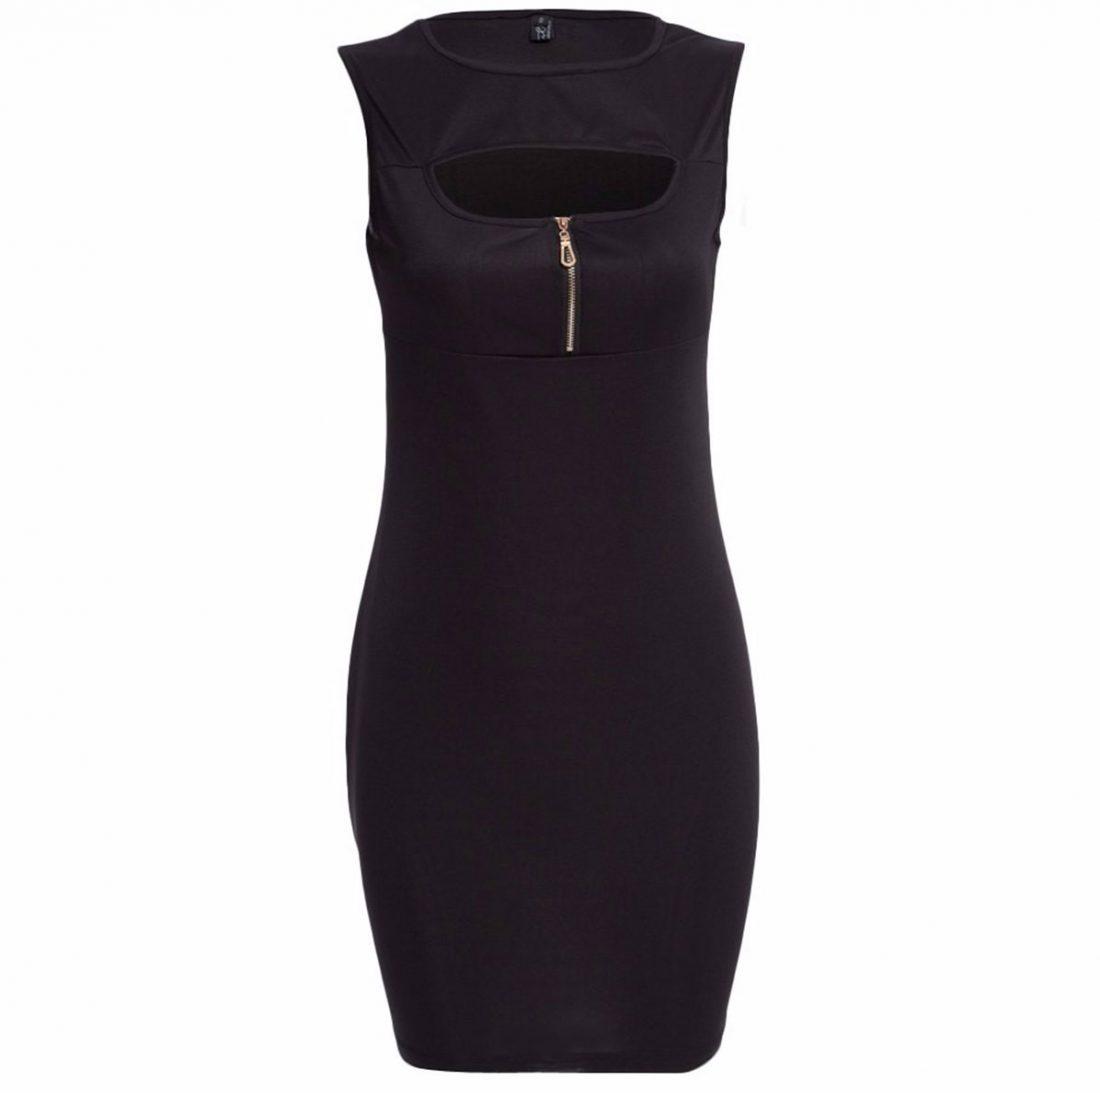 M0176 black1 Party Dresses maureens.com boutique